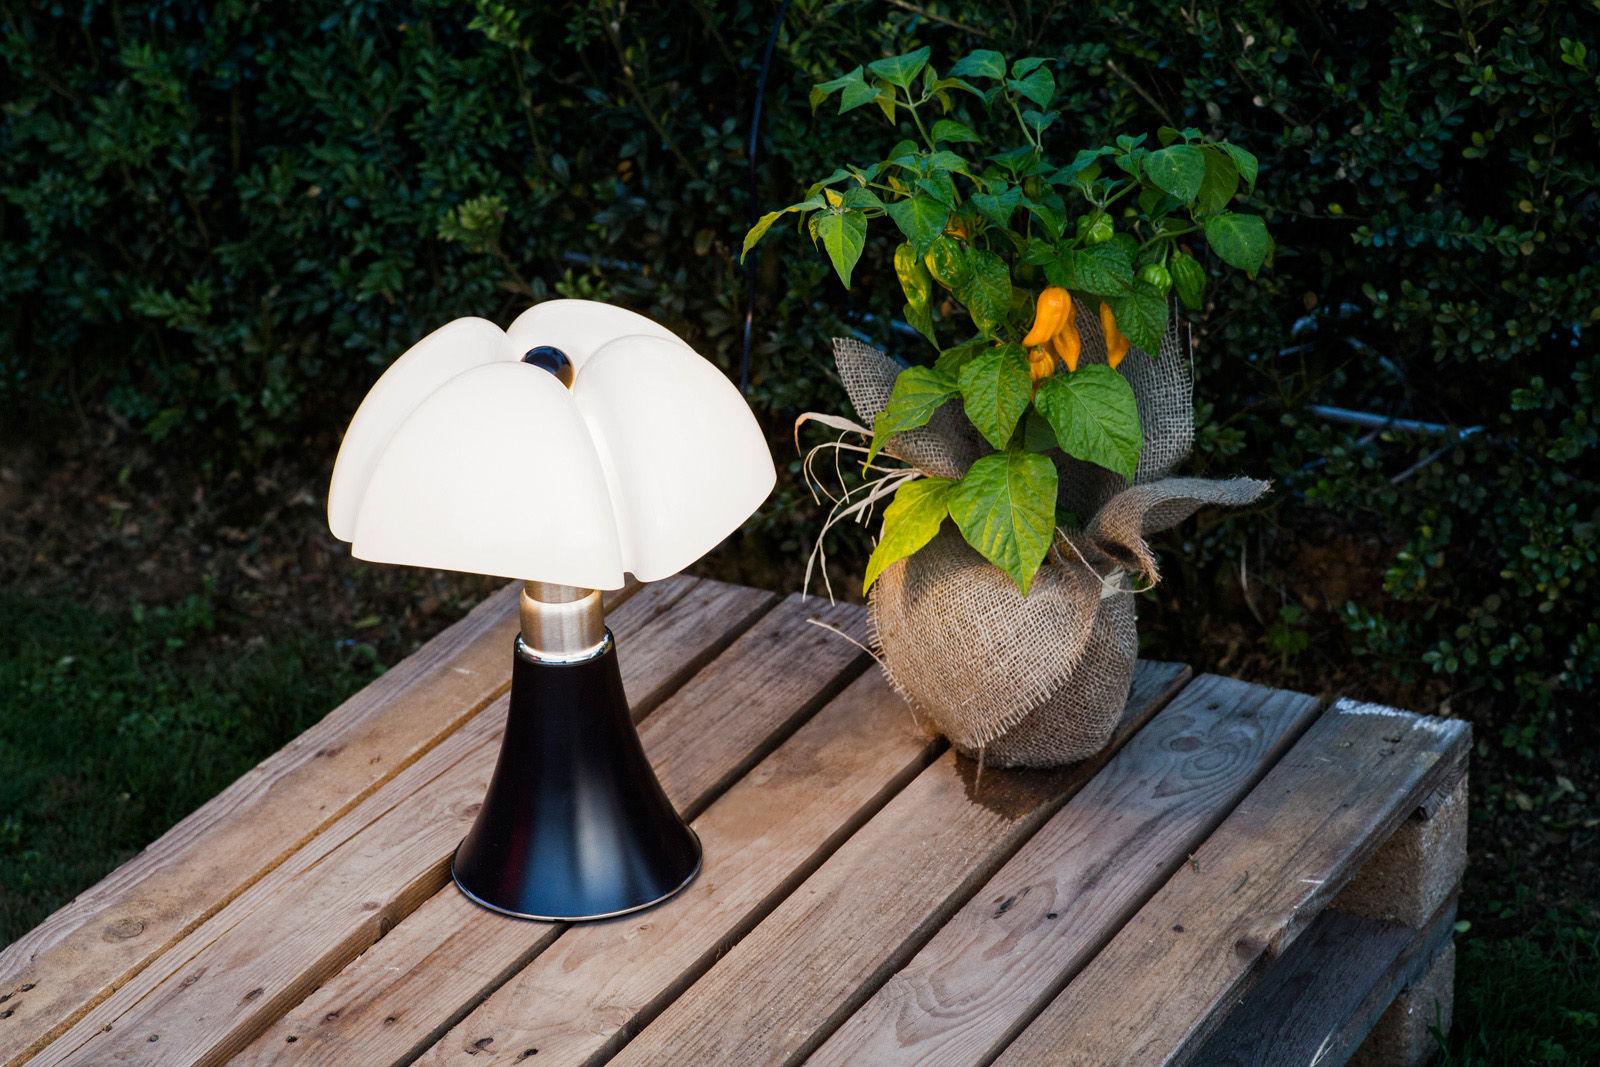 Lampe Ohne Kabel Minipipistrello LED Von Martinelli Luce